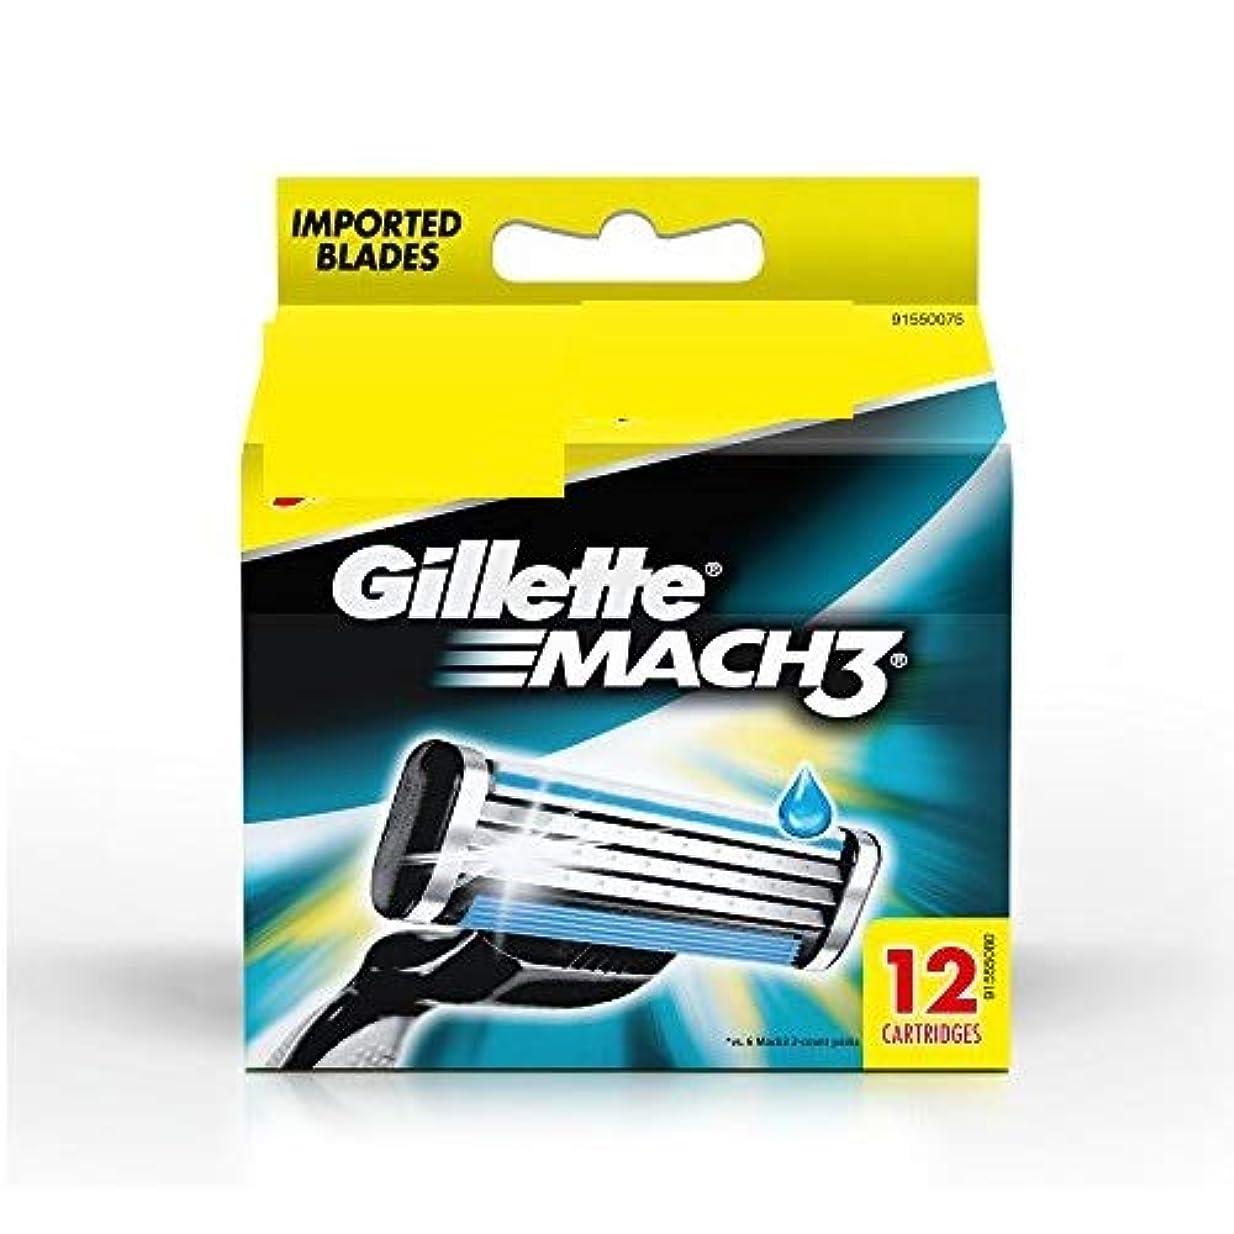 純粋なチャンバー詐欺Gillette Mach3 Blade 12 cartridges